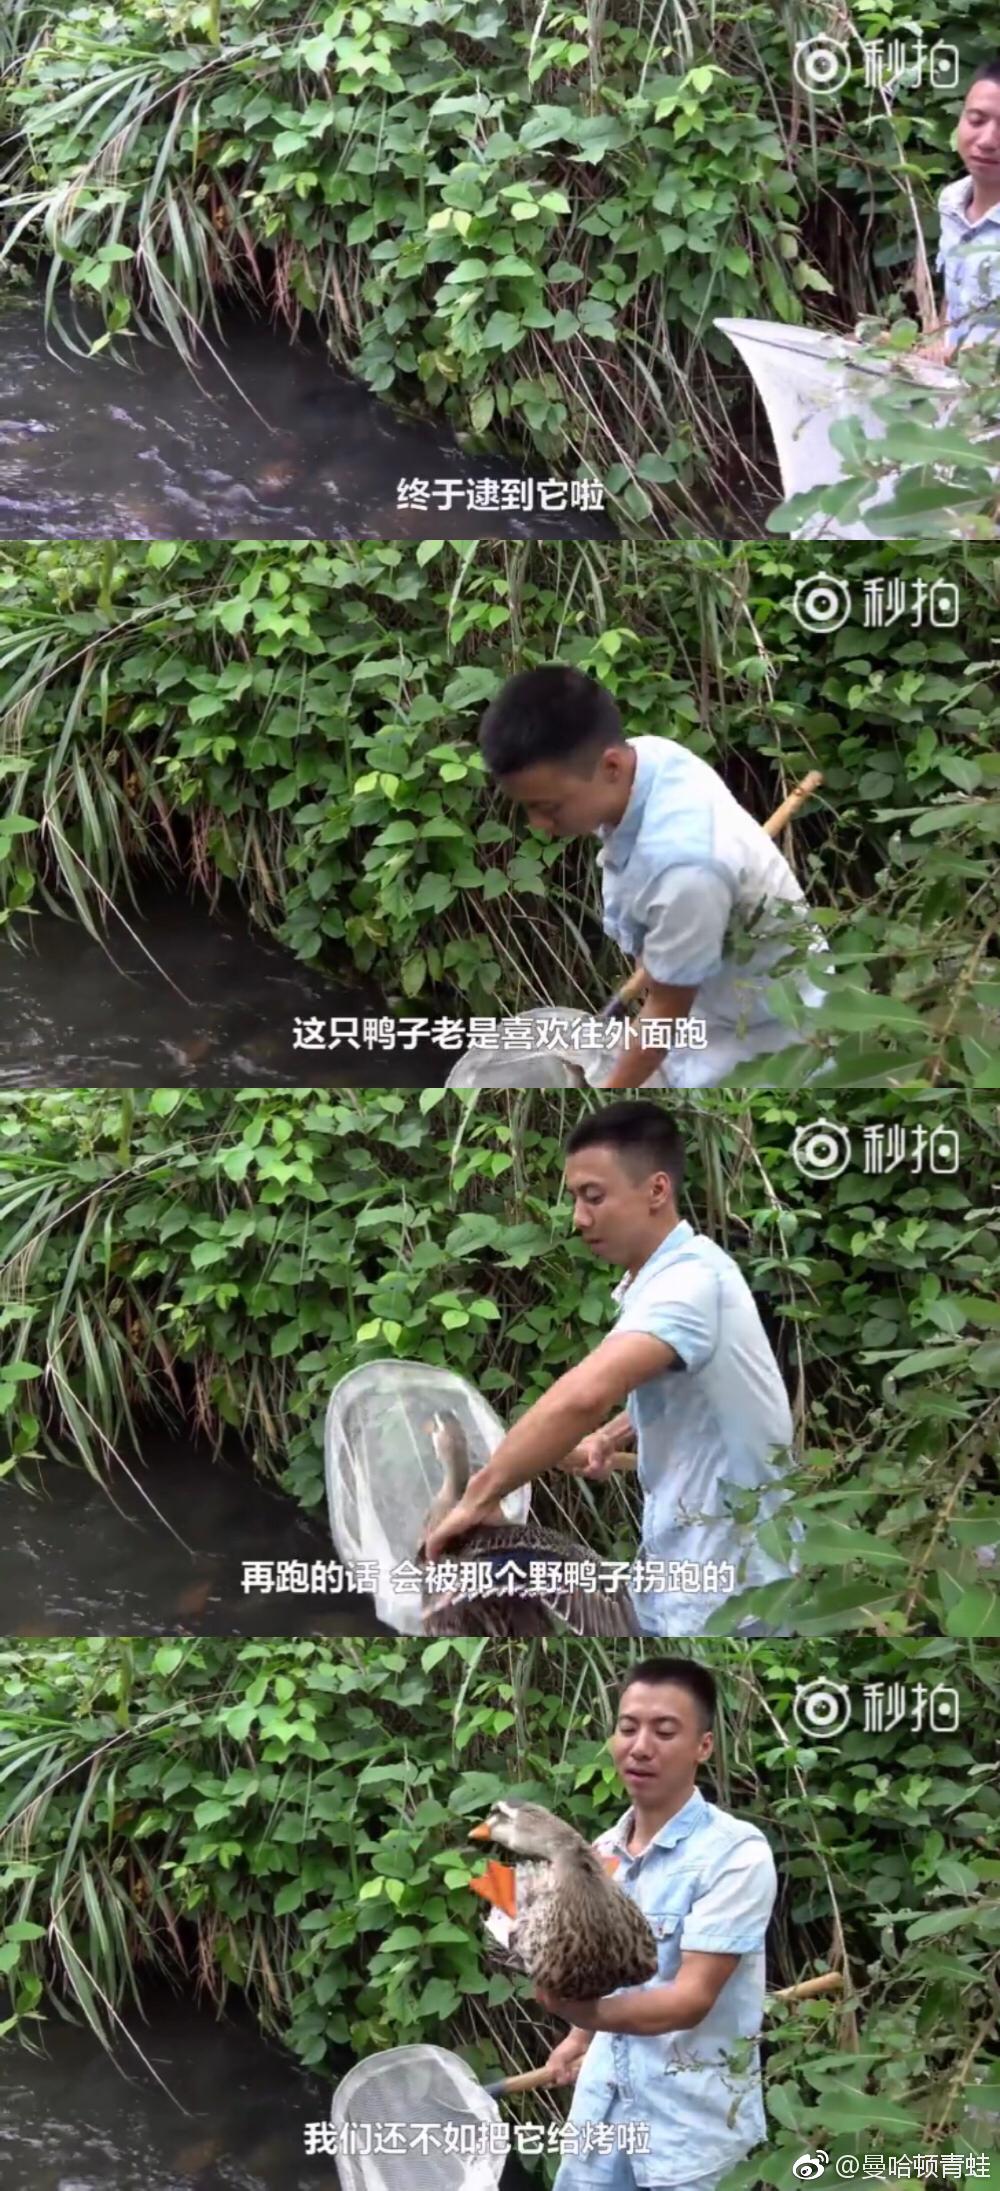 农村美食UP主:华农兄弟,最爱吃竹鼠